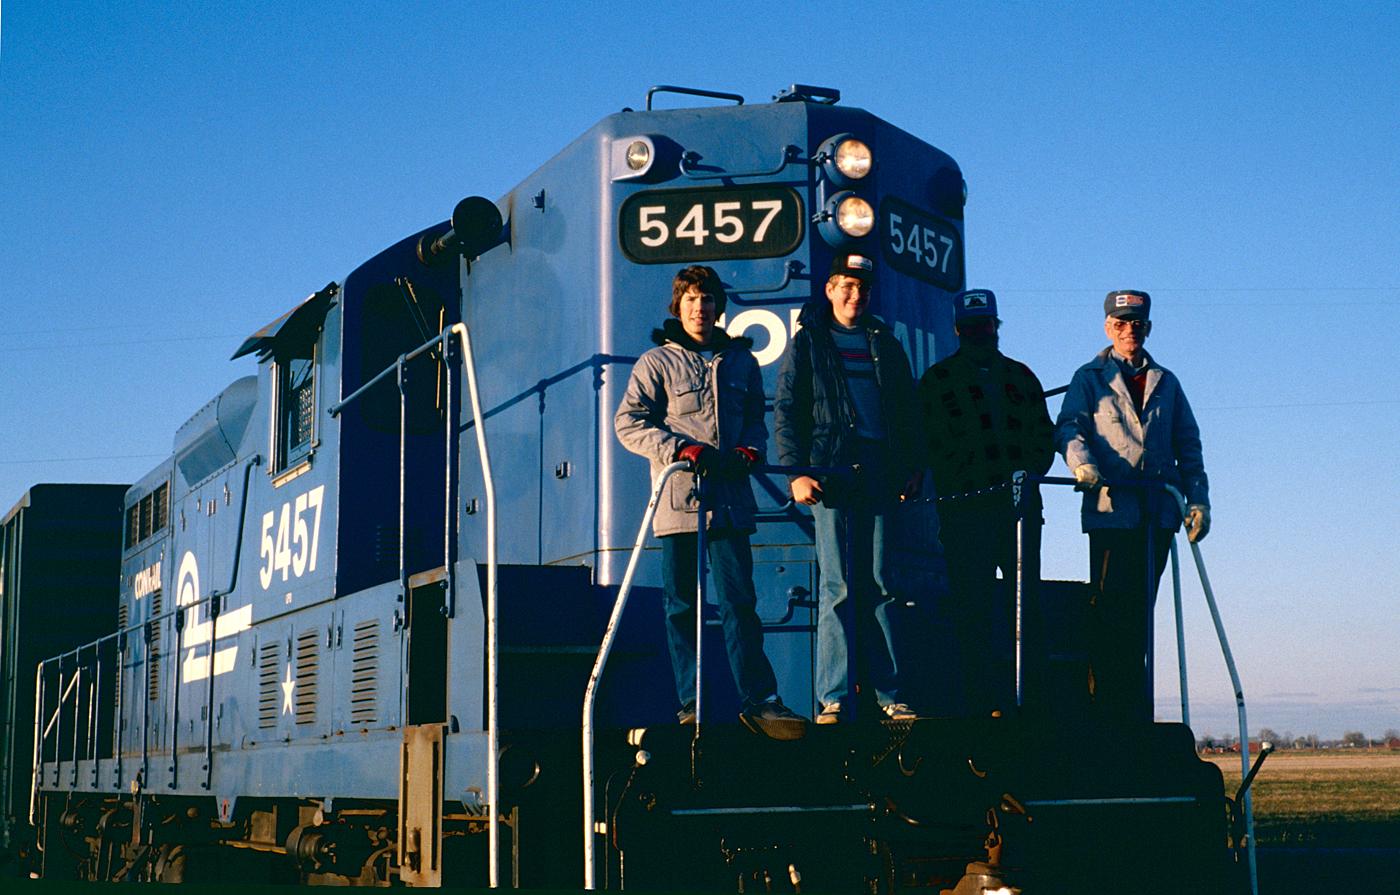 Conrail GP-8 #5457 at Palmyra, Michigan on 10 November 1980